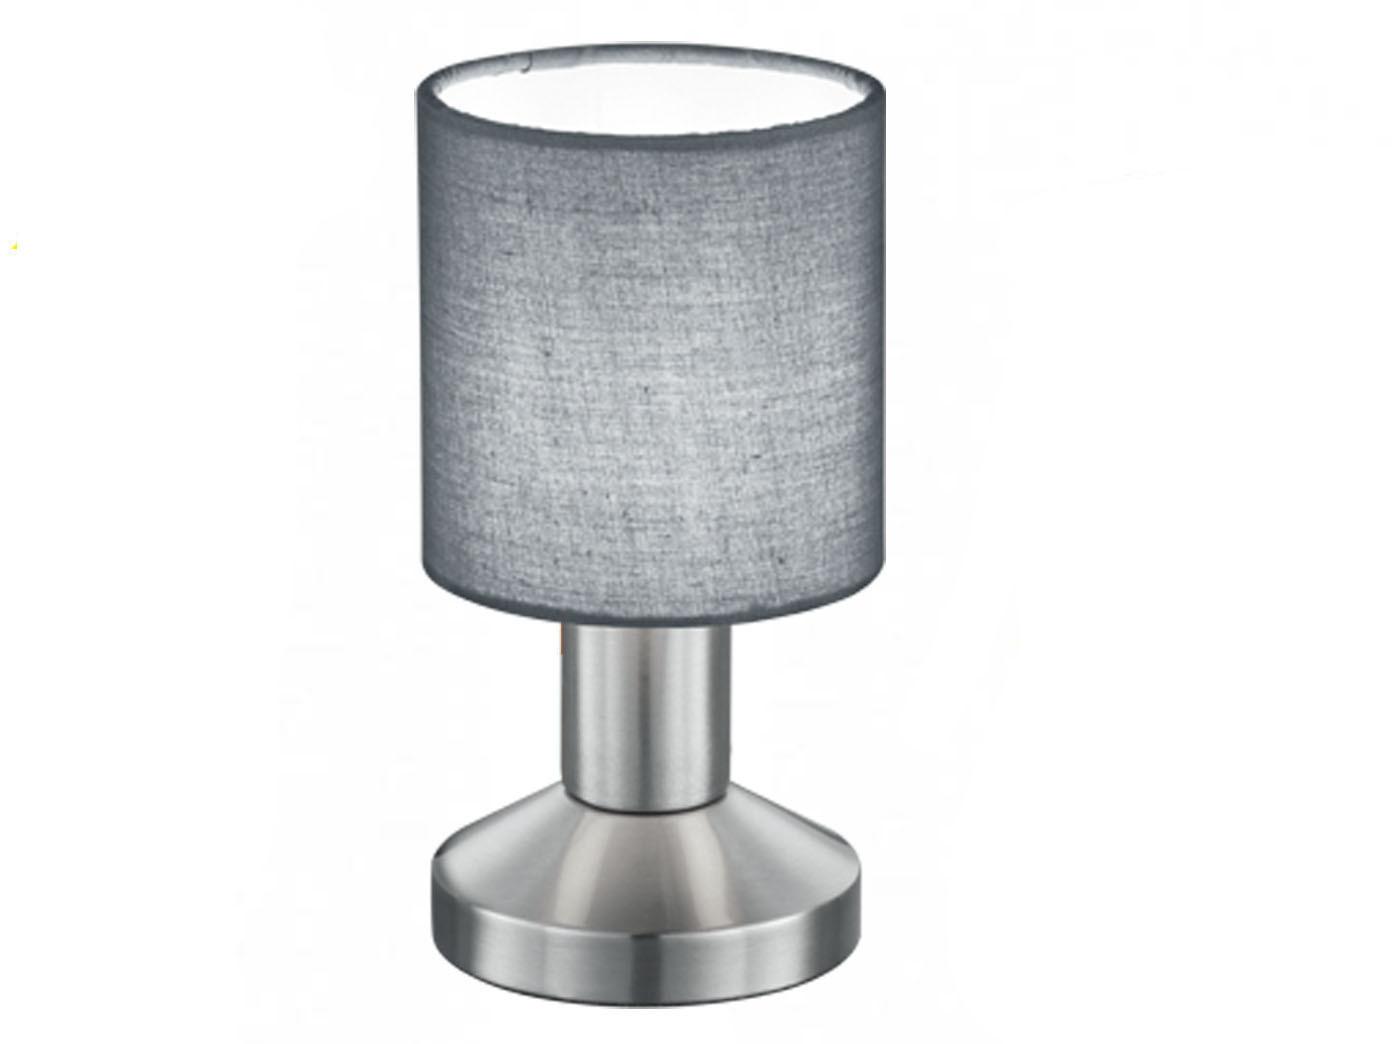 Tischlampe GARDA Lampenschirm Stoff grau, Tischleuchte ...